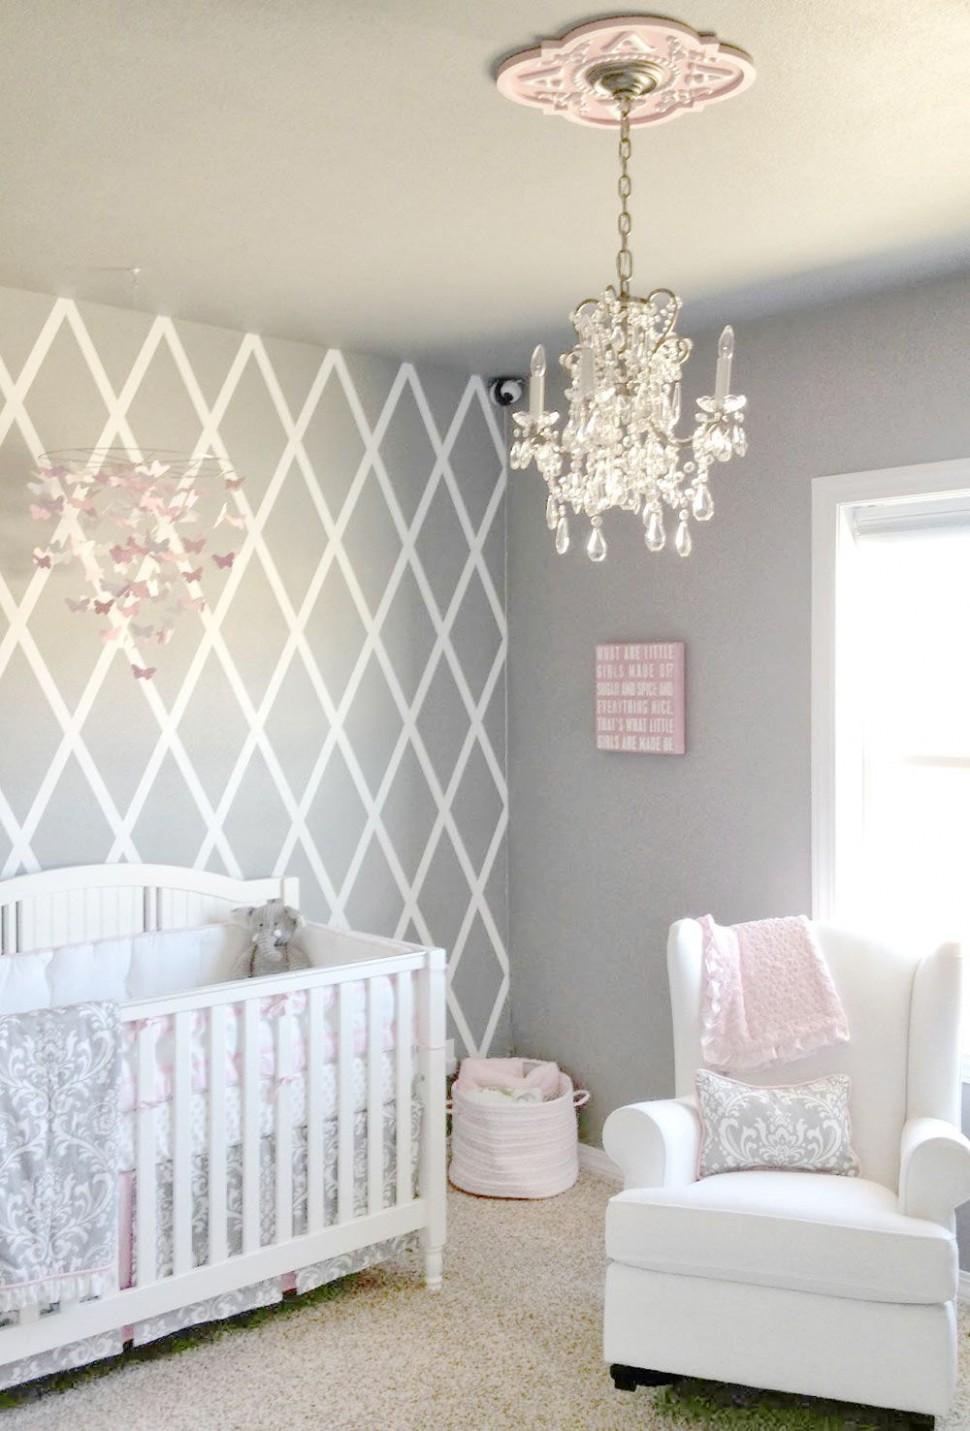 gray baby girl nursery  Baby girl room, Baby room decor, Girl room - Baby Room Girl